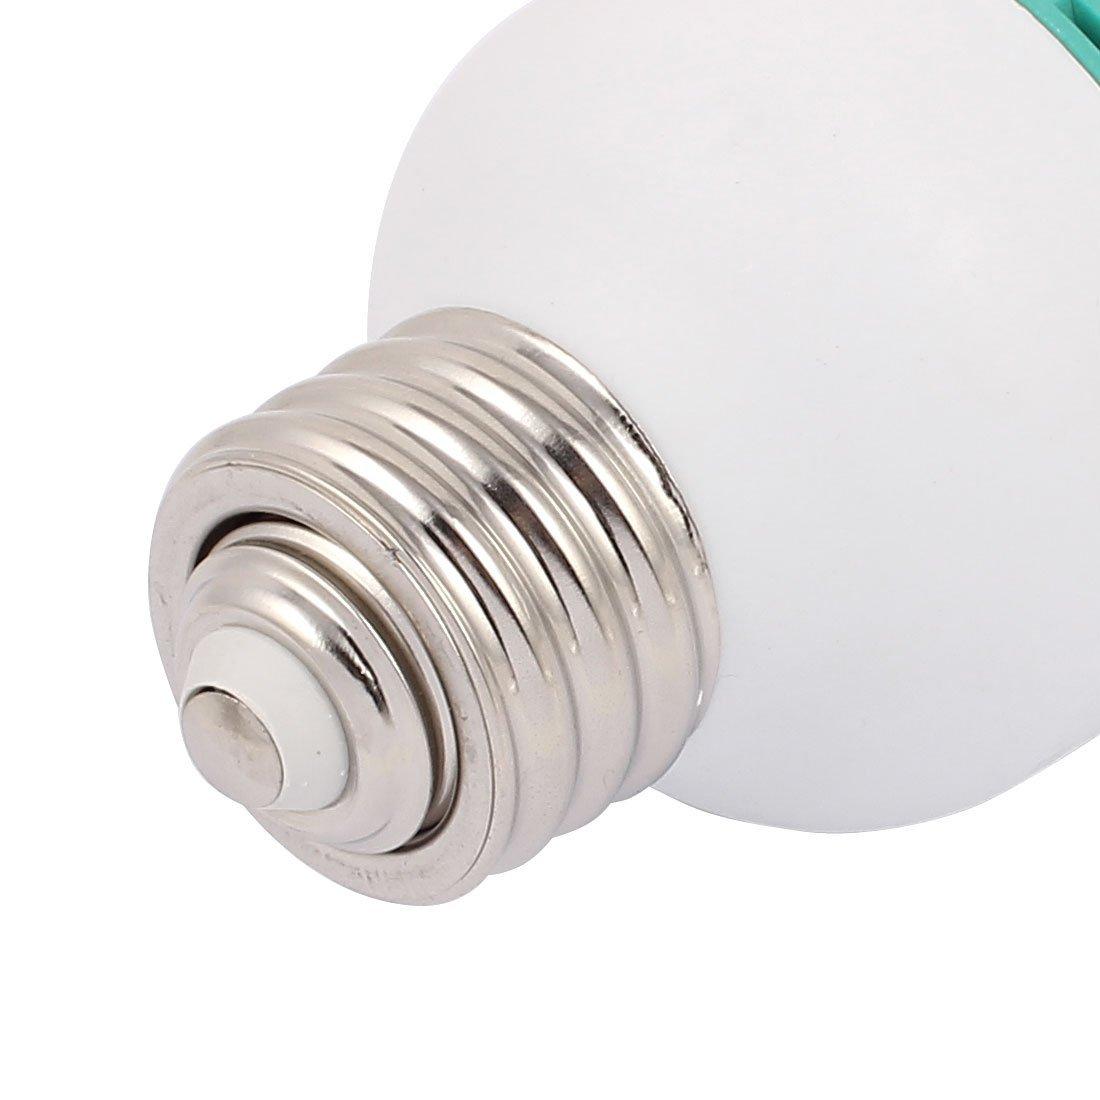 eDealMax 30W LED de tipo T bulbo del maíz Iluminación para el hogar E40 2835SMD lámpara ahorro de energía blanca pura - - Amazon.com